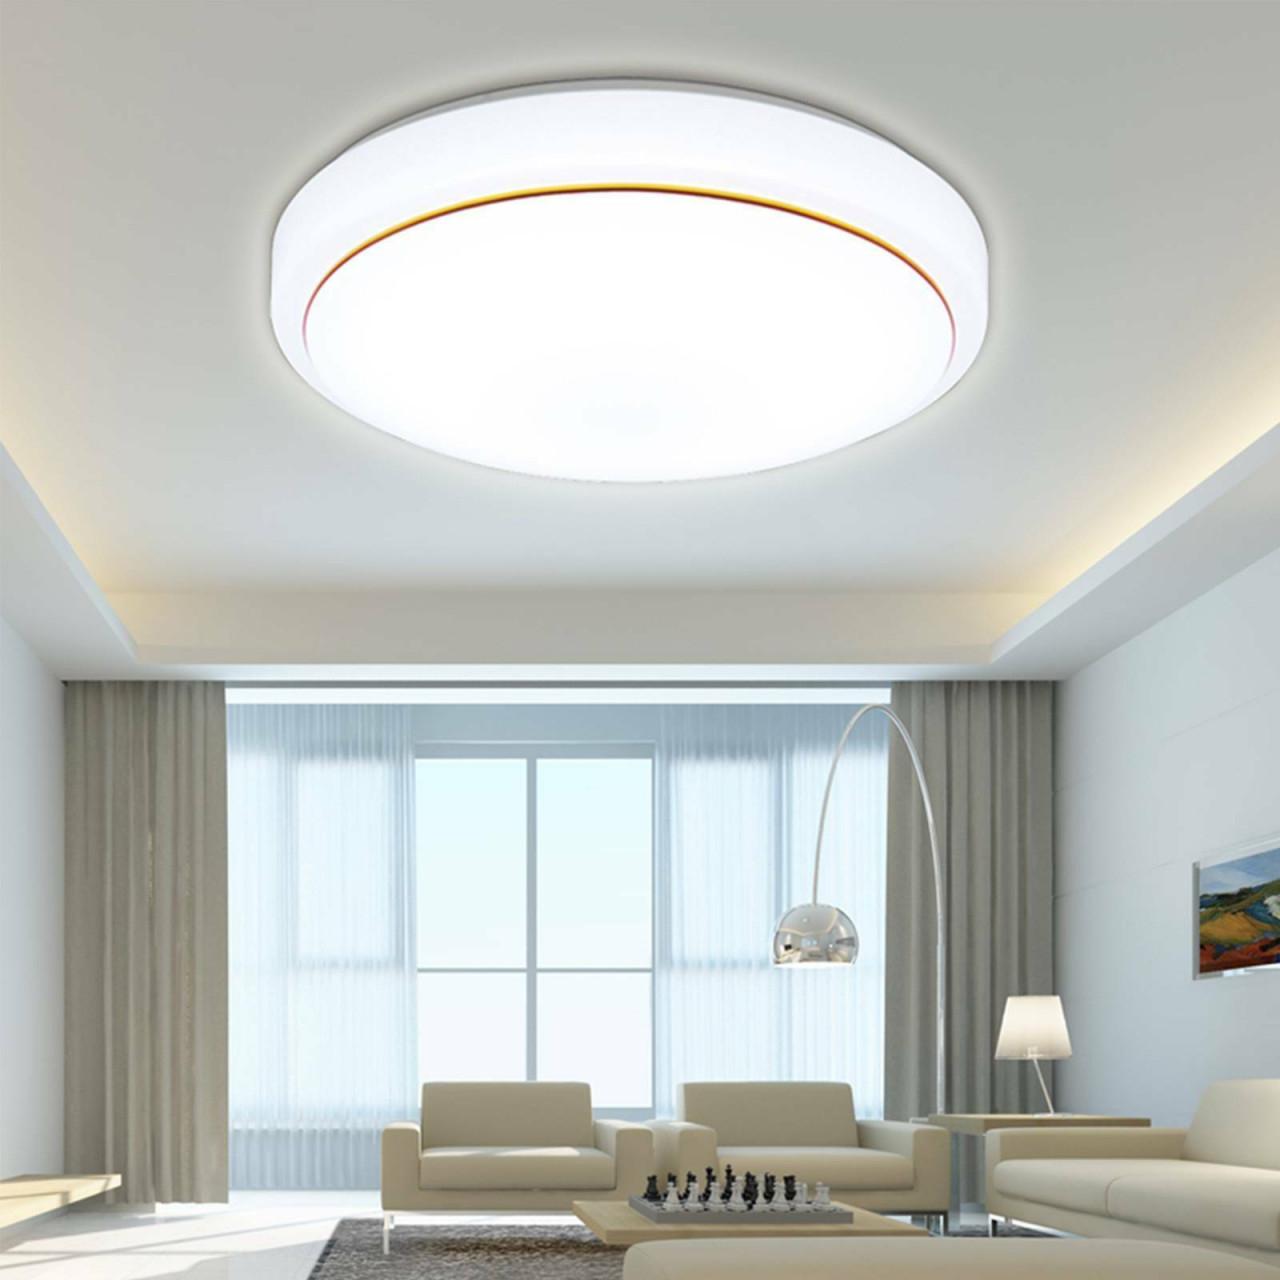 36W Led Deckenlampe Deckenleuchte Wohnzimmer Küchen Lampe Küche 40Cm Runde  Licht von Wohnzimmer Deckenleuchte Led Photo